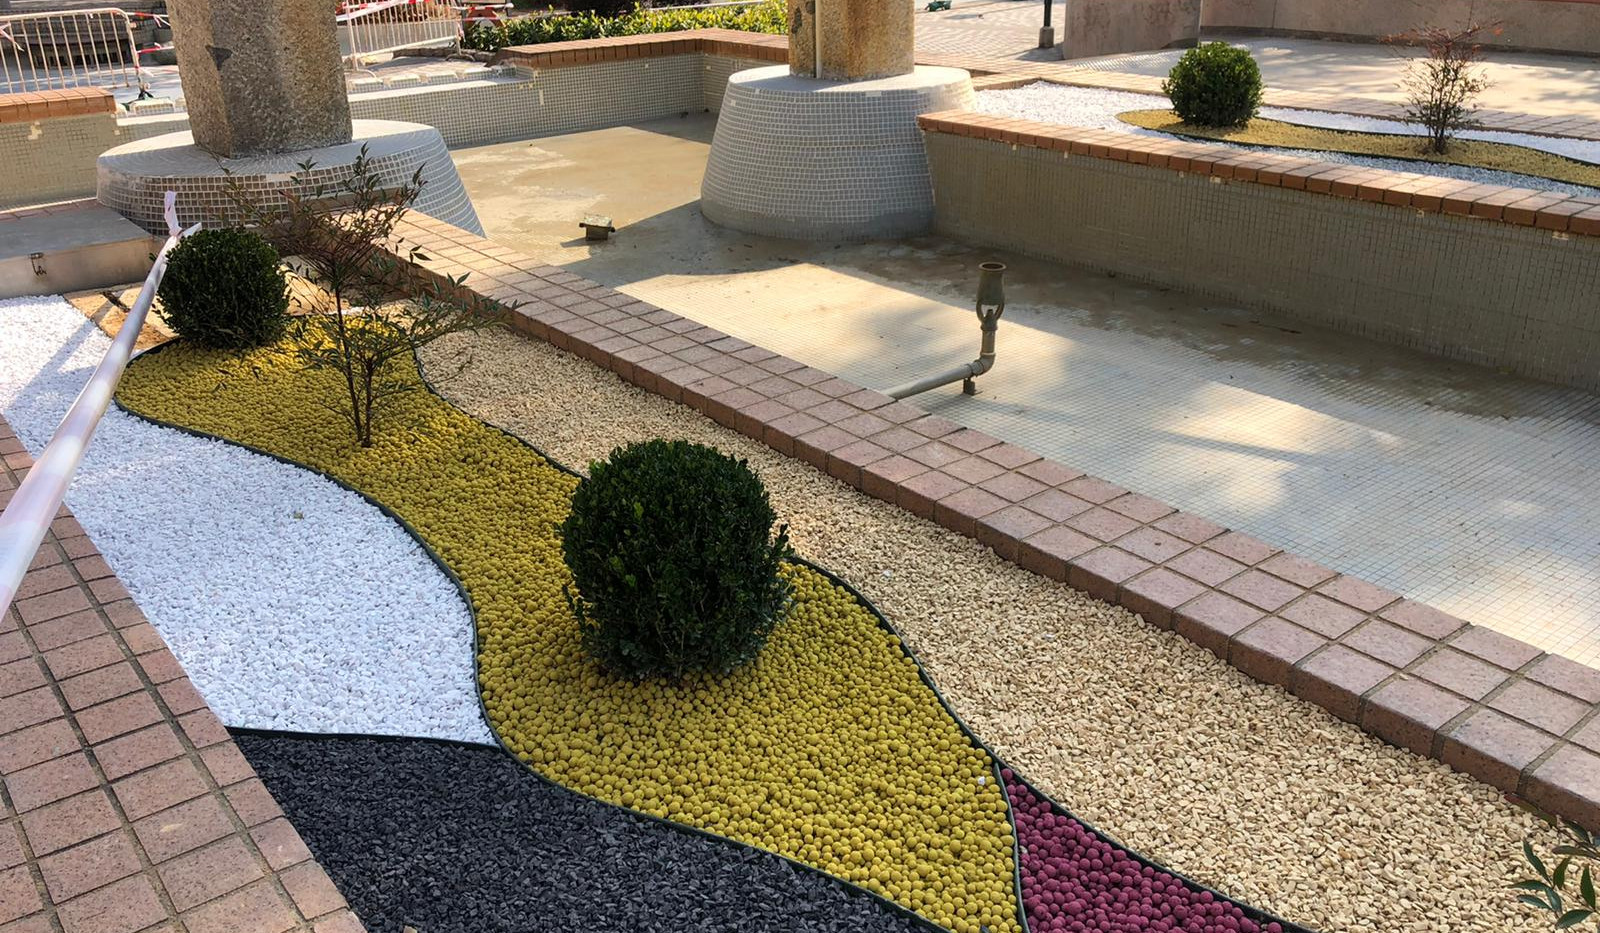 Garden Design 2020-10-19-16-56-22 Caball